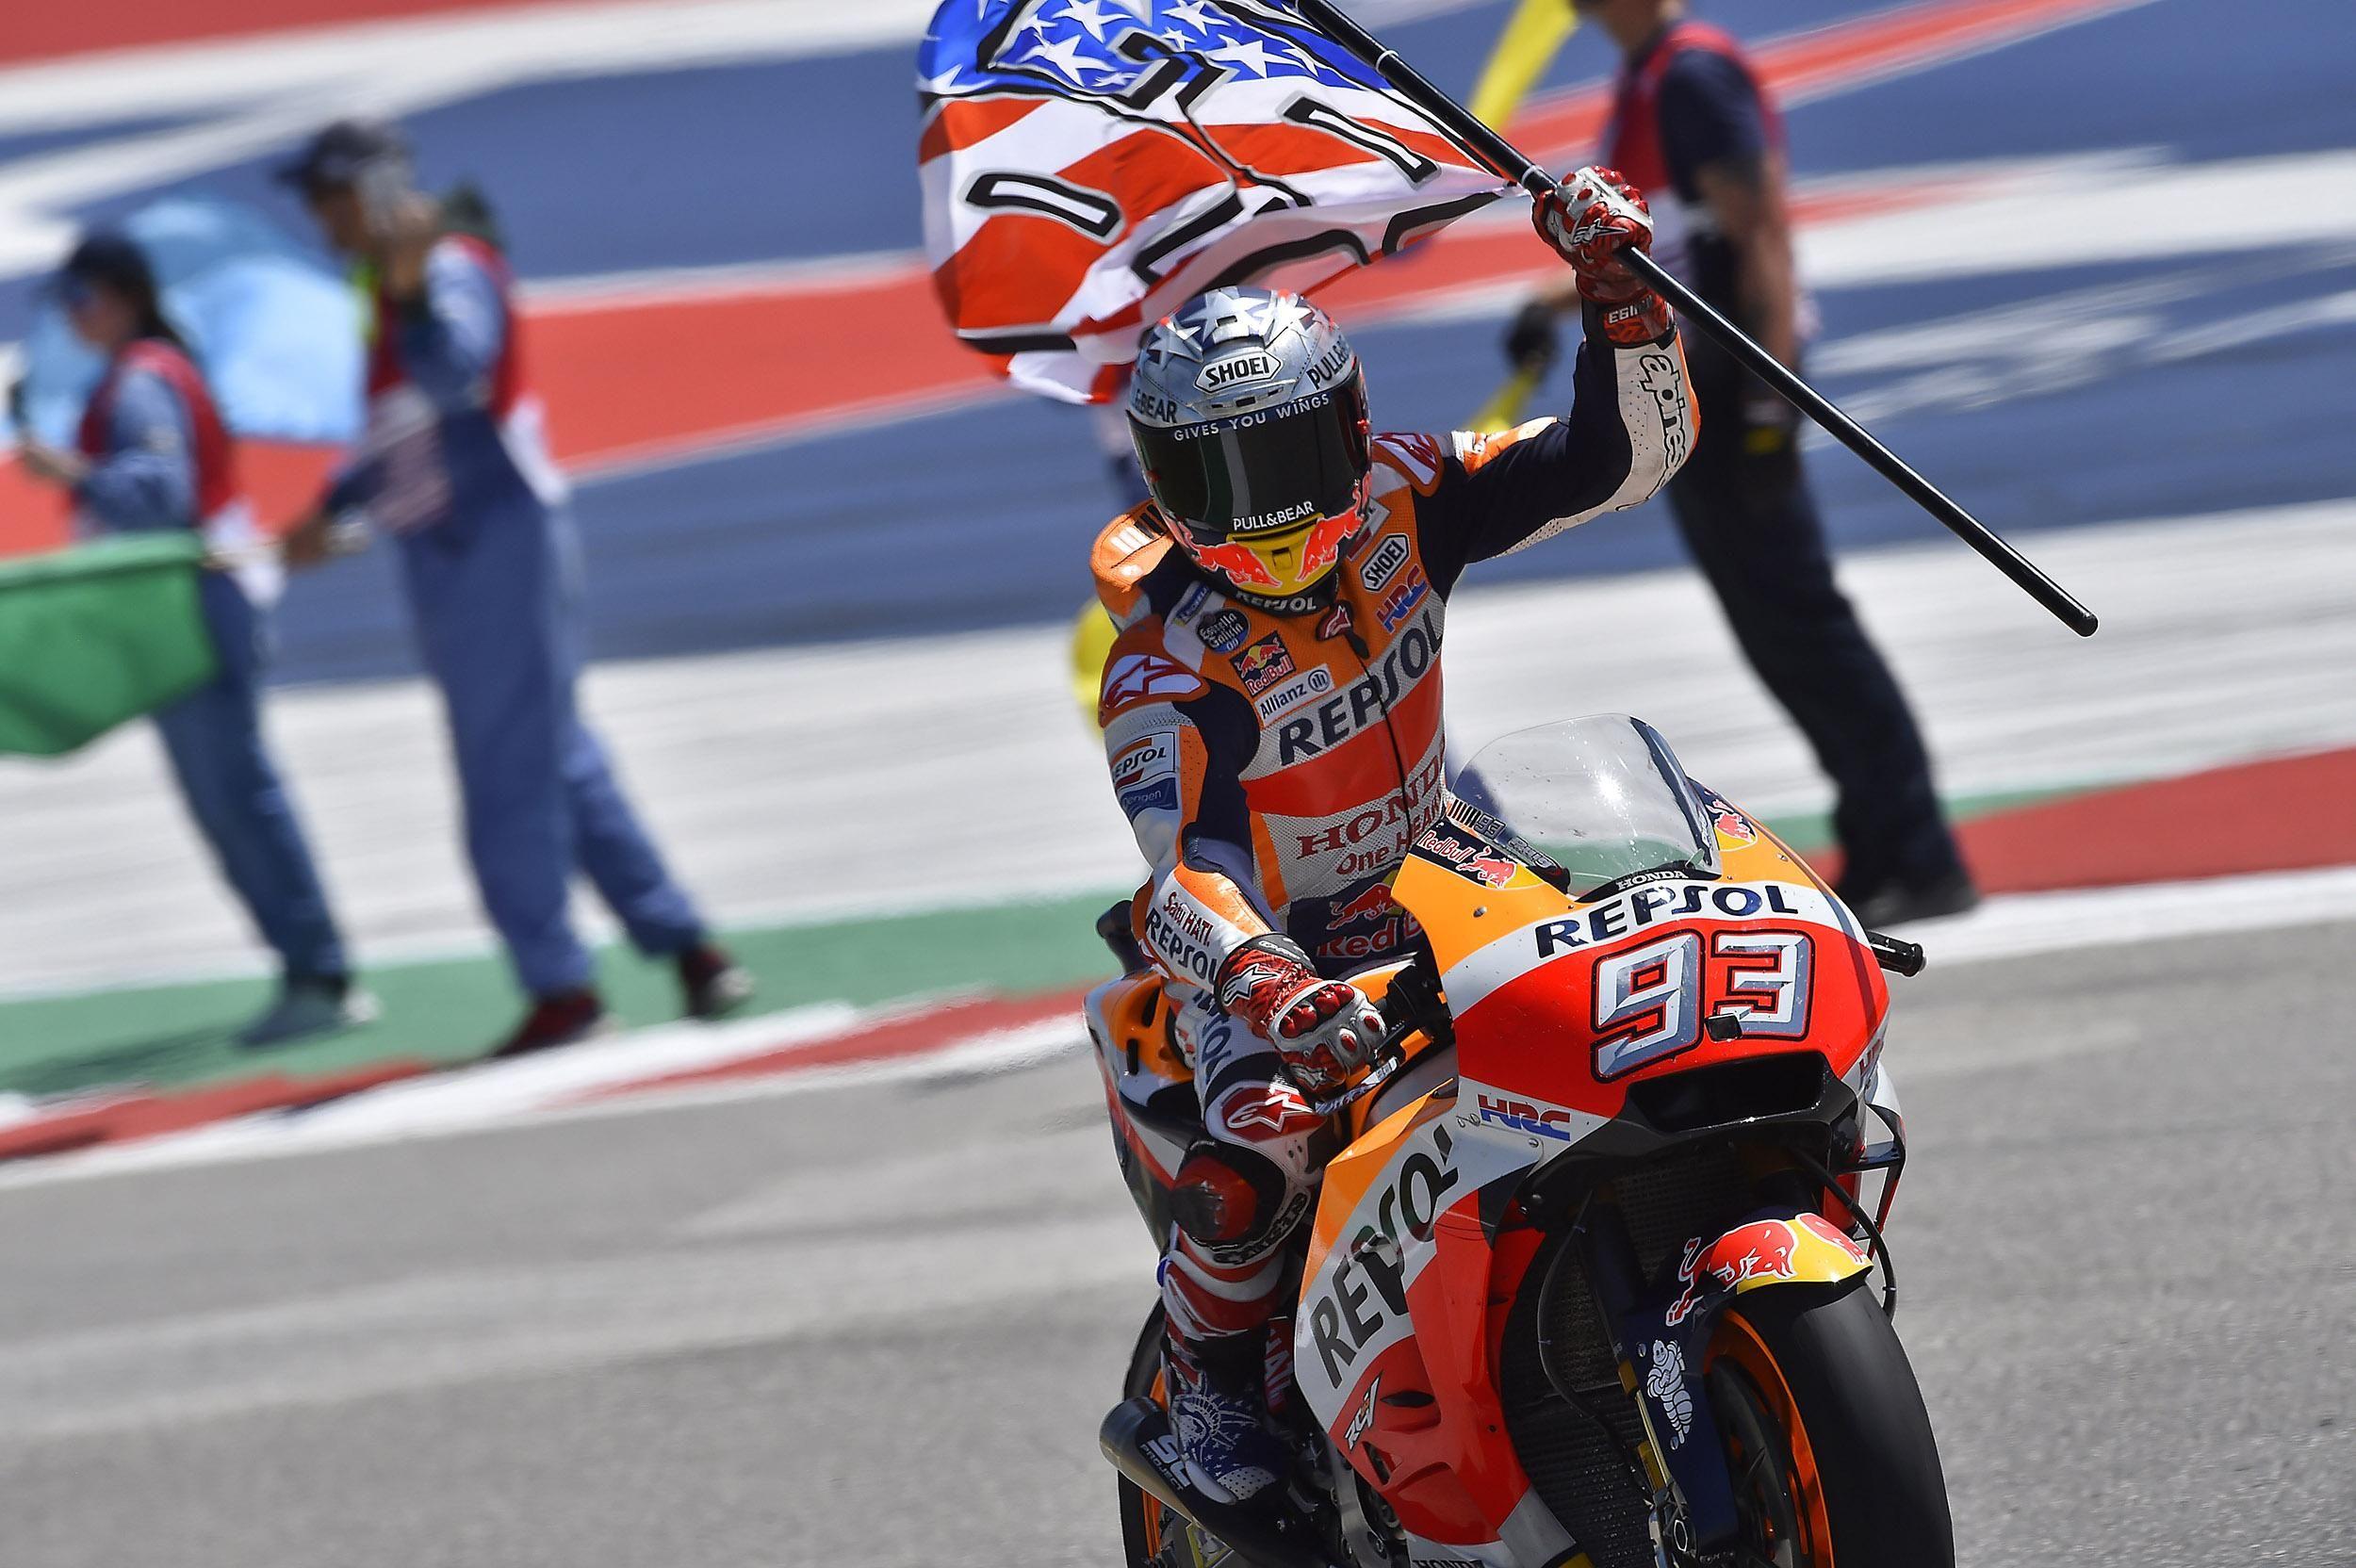 Ben Spies MotoGP 2011 (met afbeeldingen)